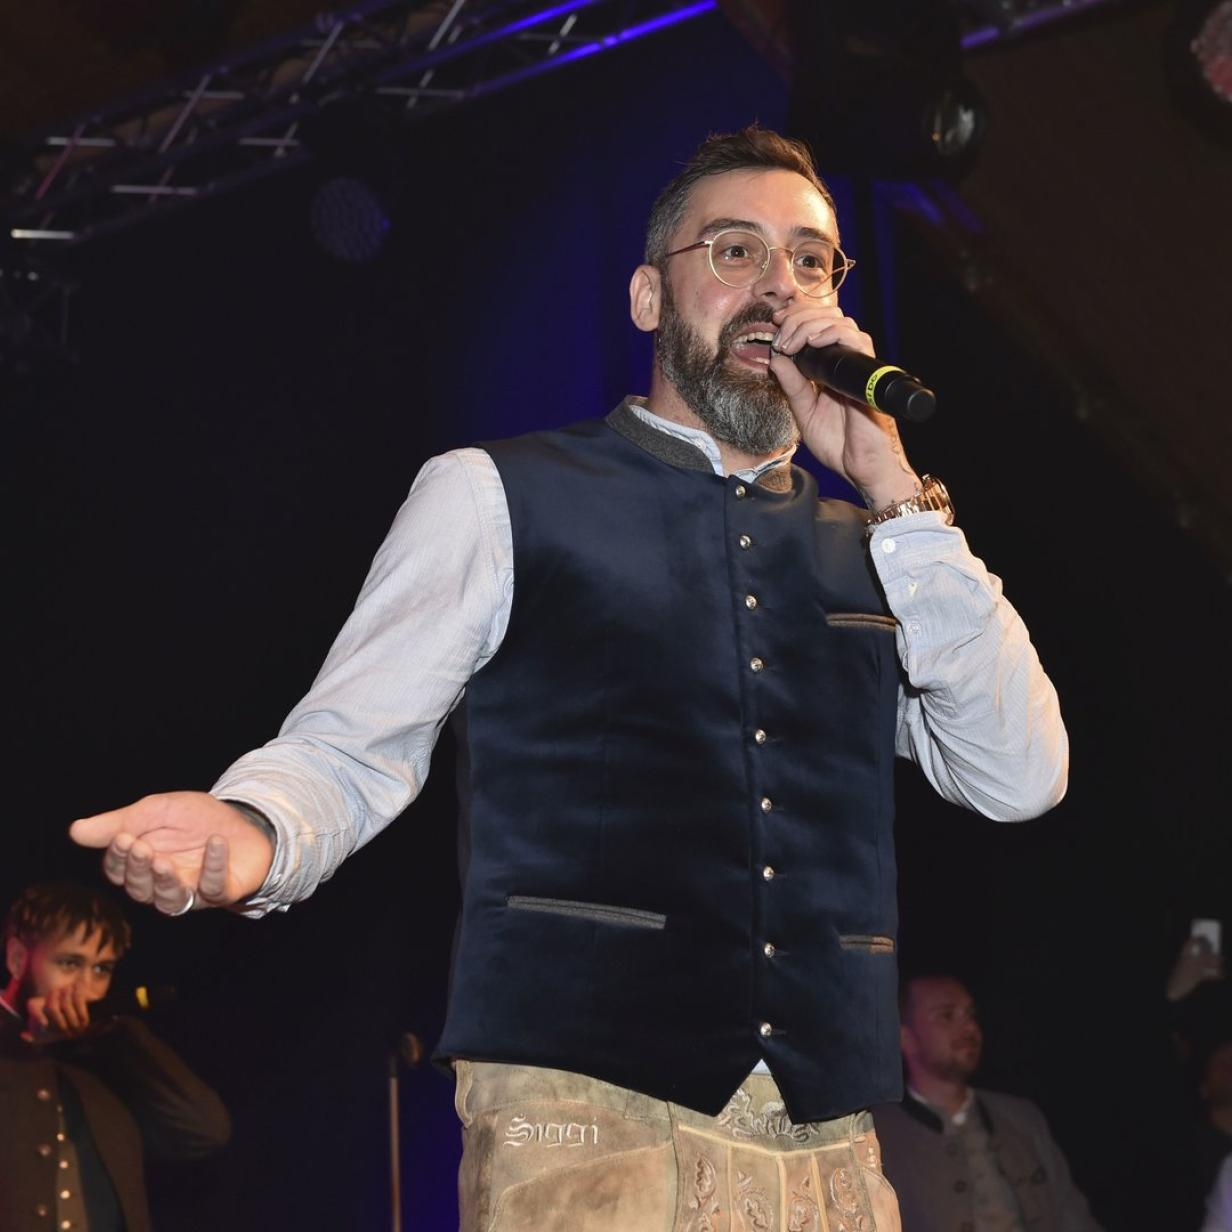 Skandal-Auftritt von Rapper Sido bei der Weißwurstparty